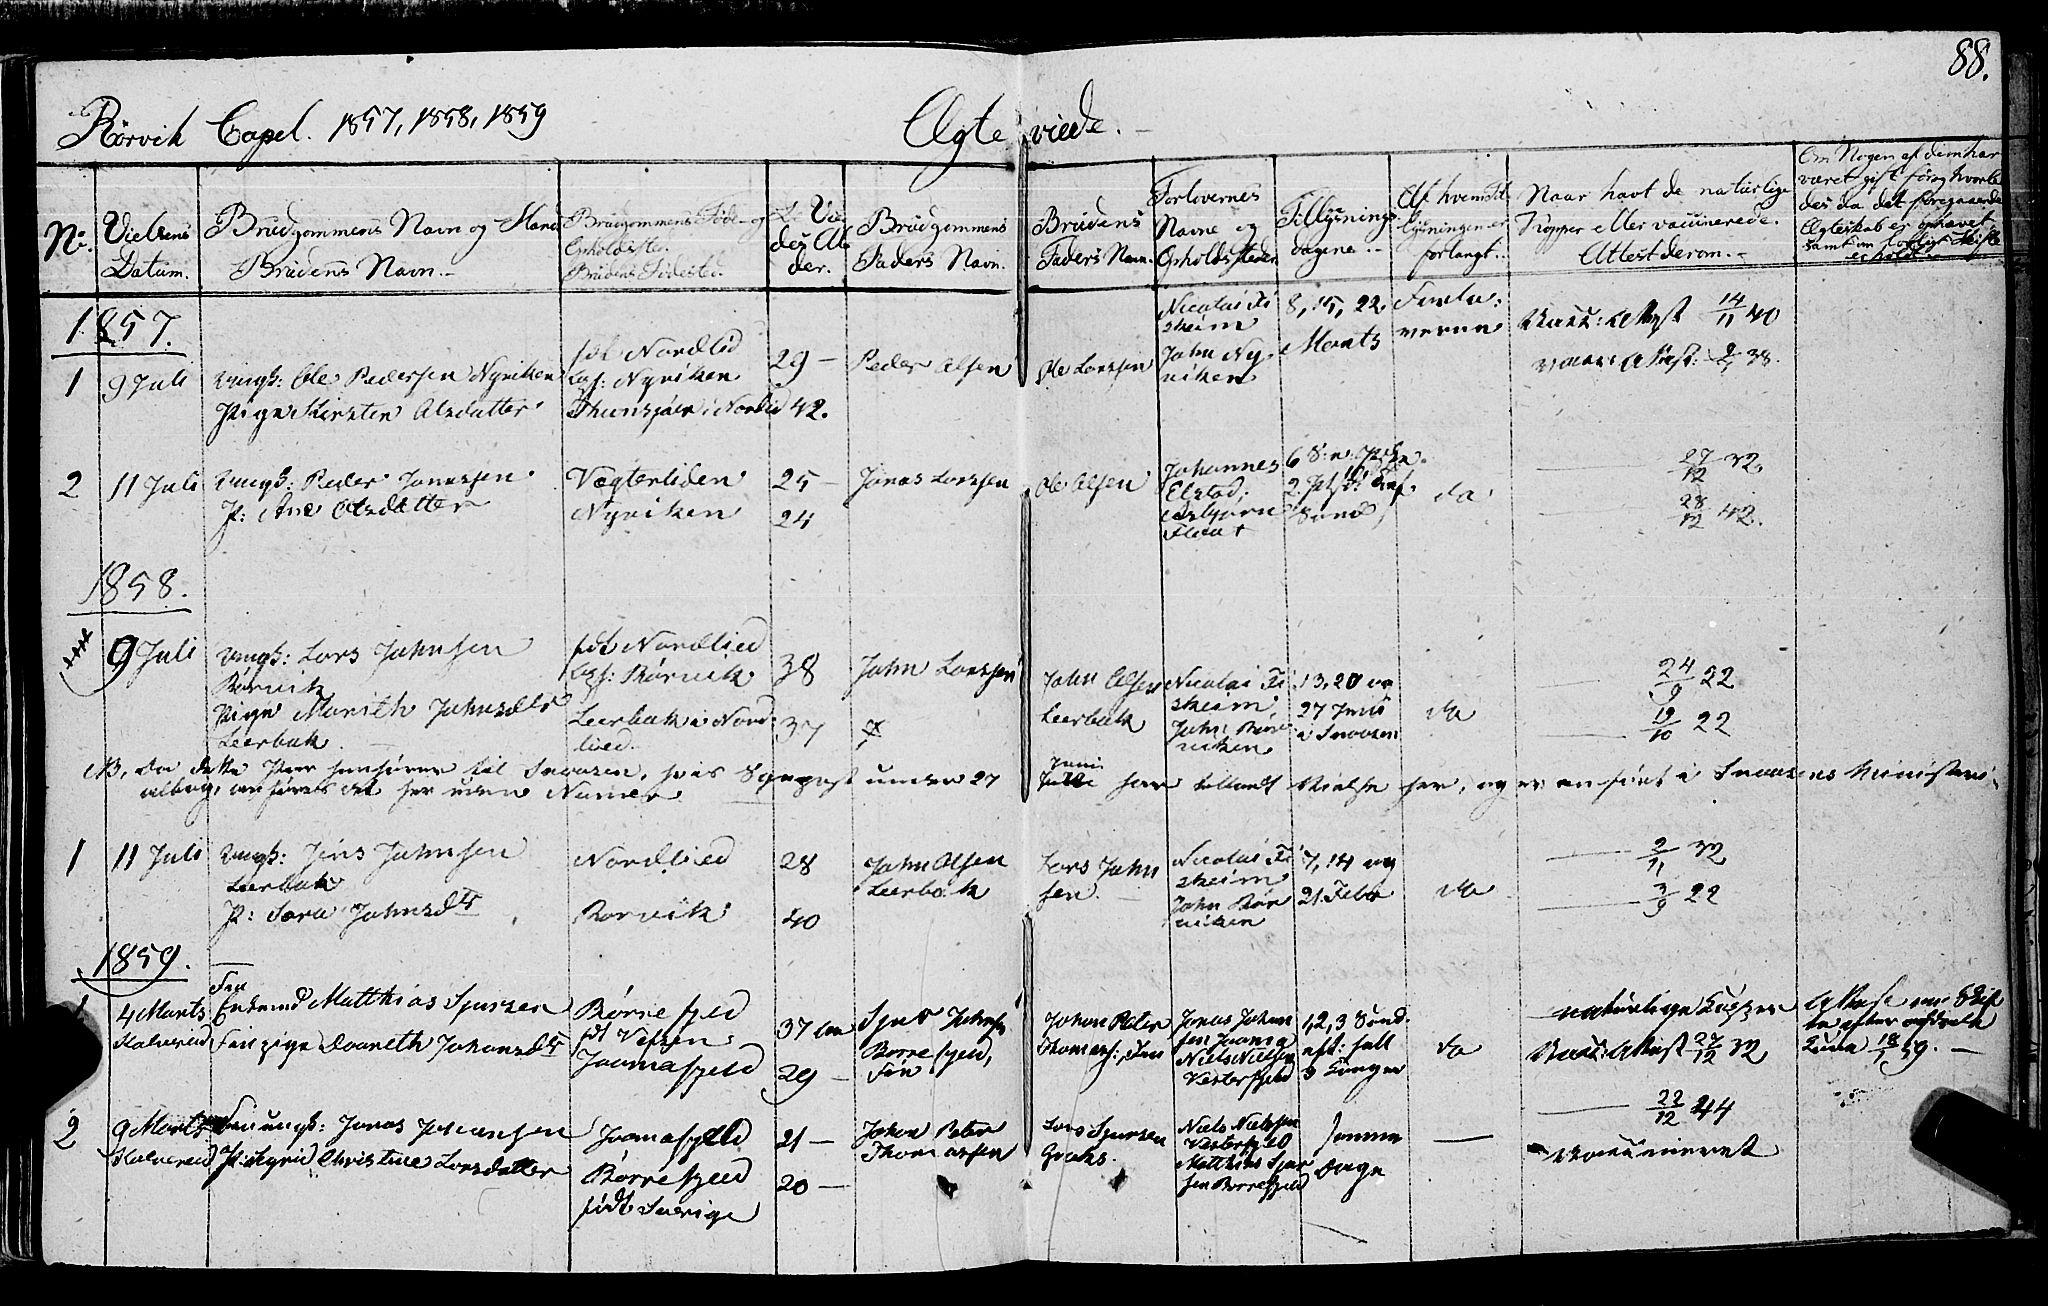 SAT, Ministerialprotokoller, klokkerbøker og fødselsregistre - Nord-Trøndelag, 762/L0538: Ministerialbok nr. 762A02 /1, 1833-1879, s. 88